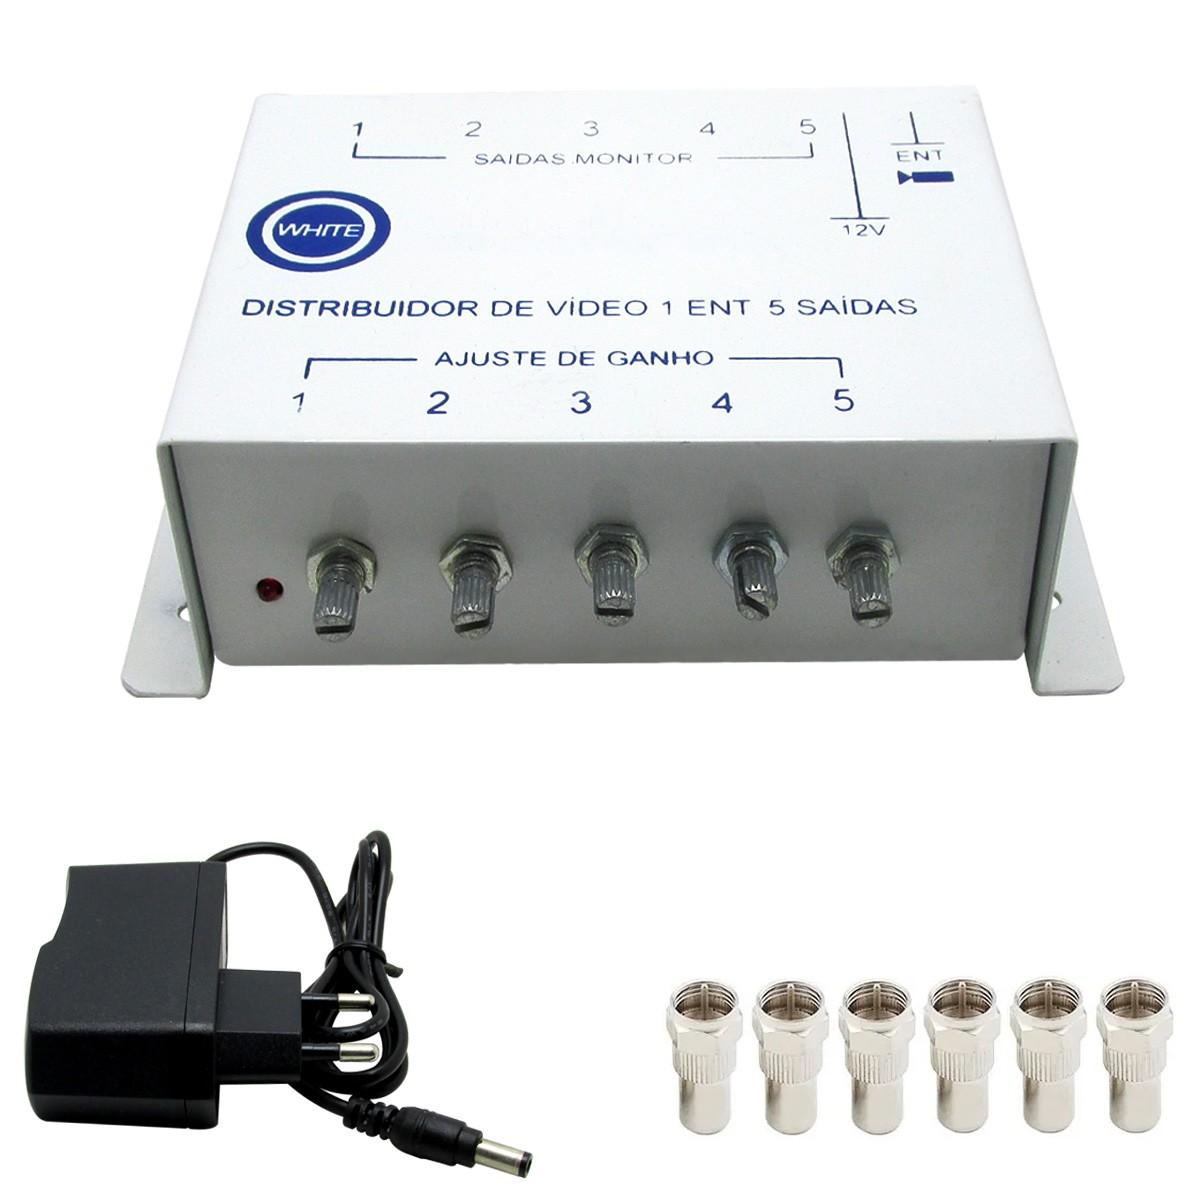 Amplificador Sinal Video Camera Cftv 5 Saidas Com Conectores